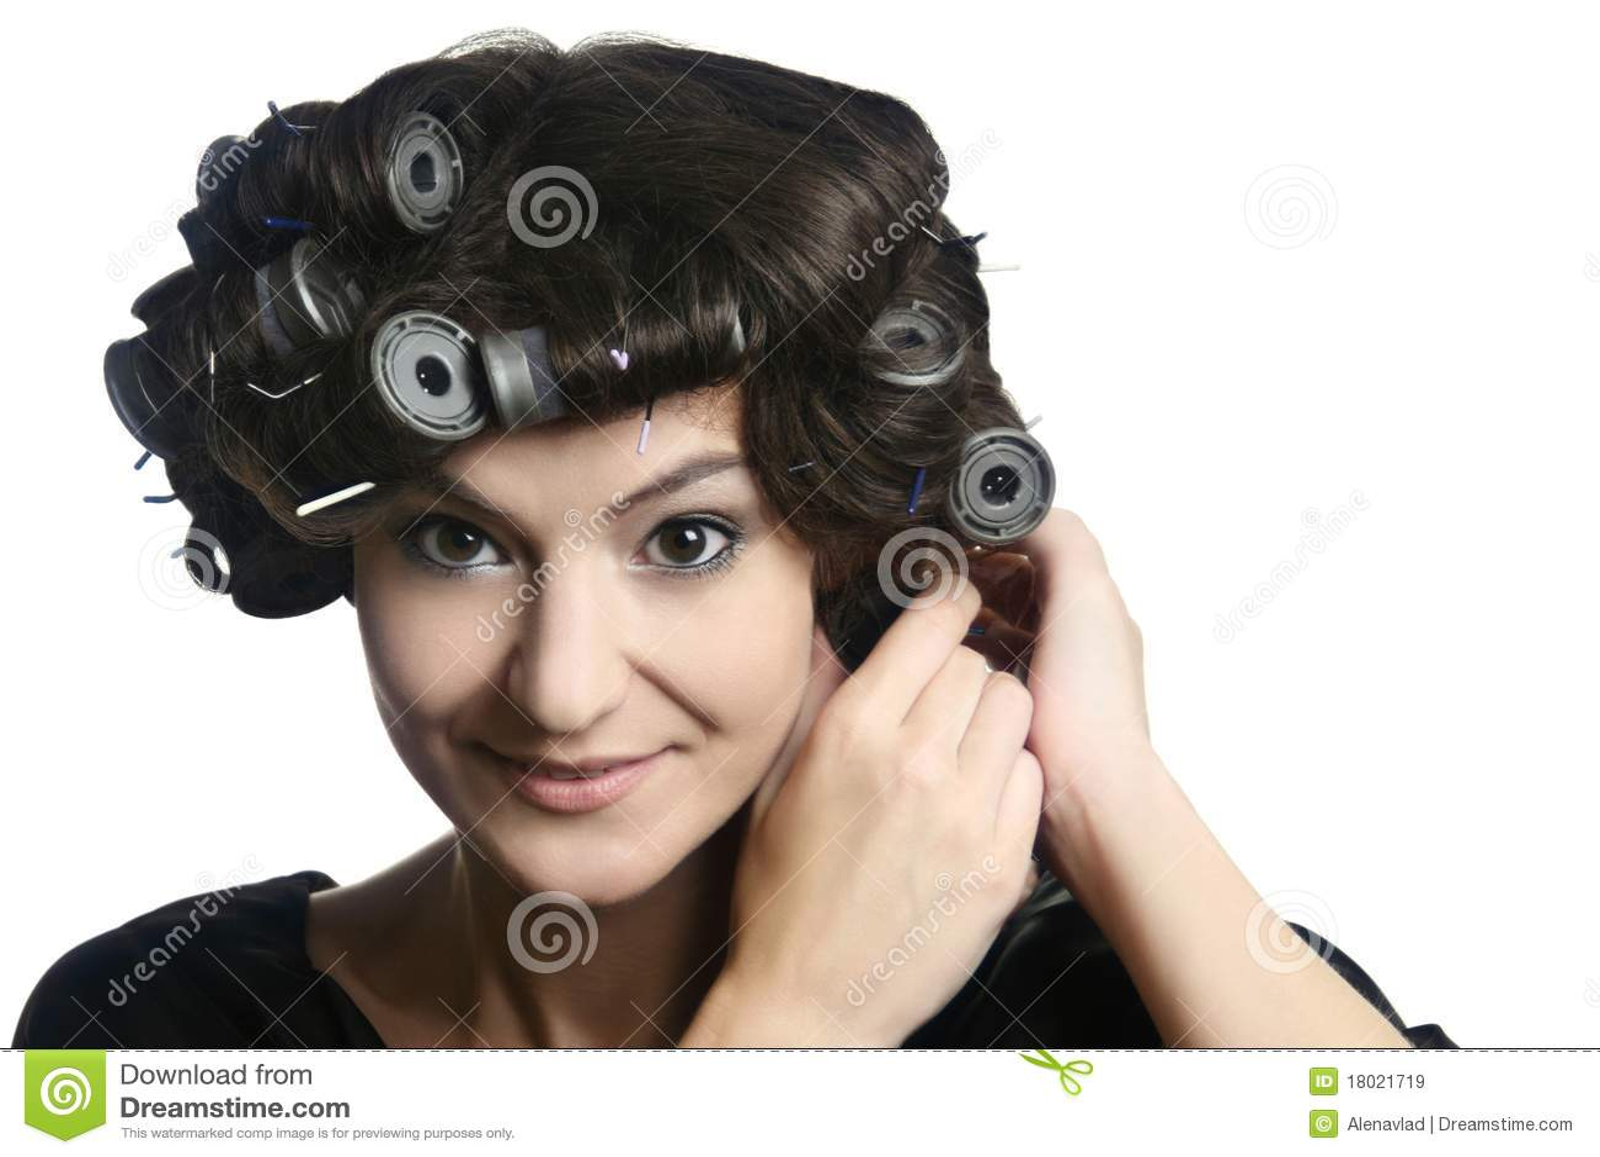 Włosy kierownicza rolowników kobieta